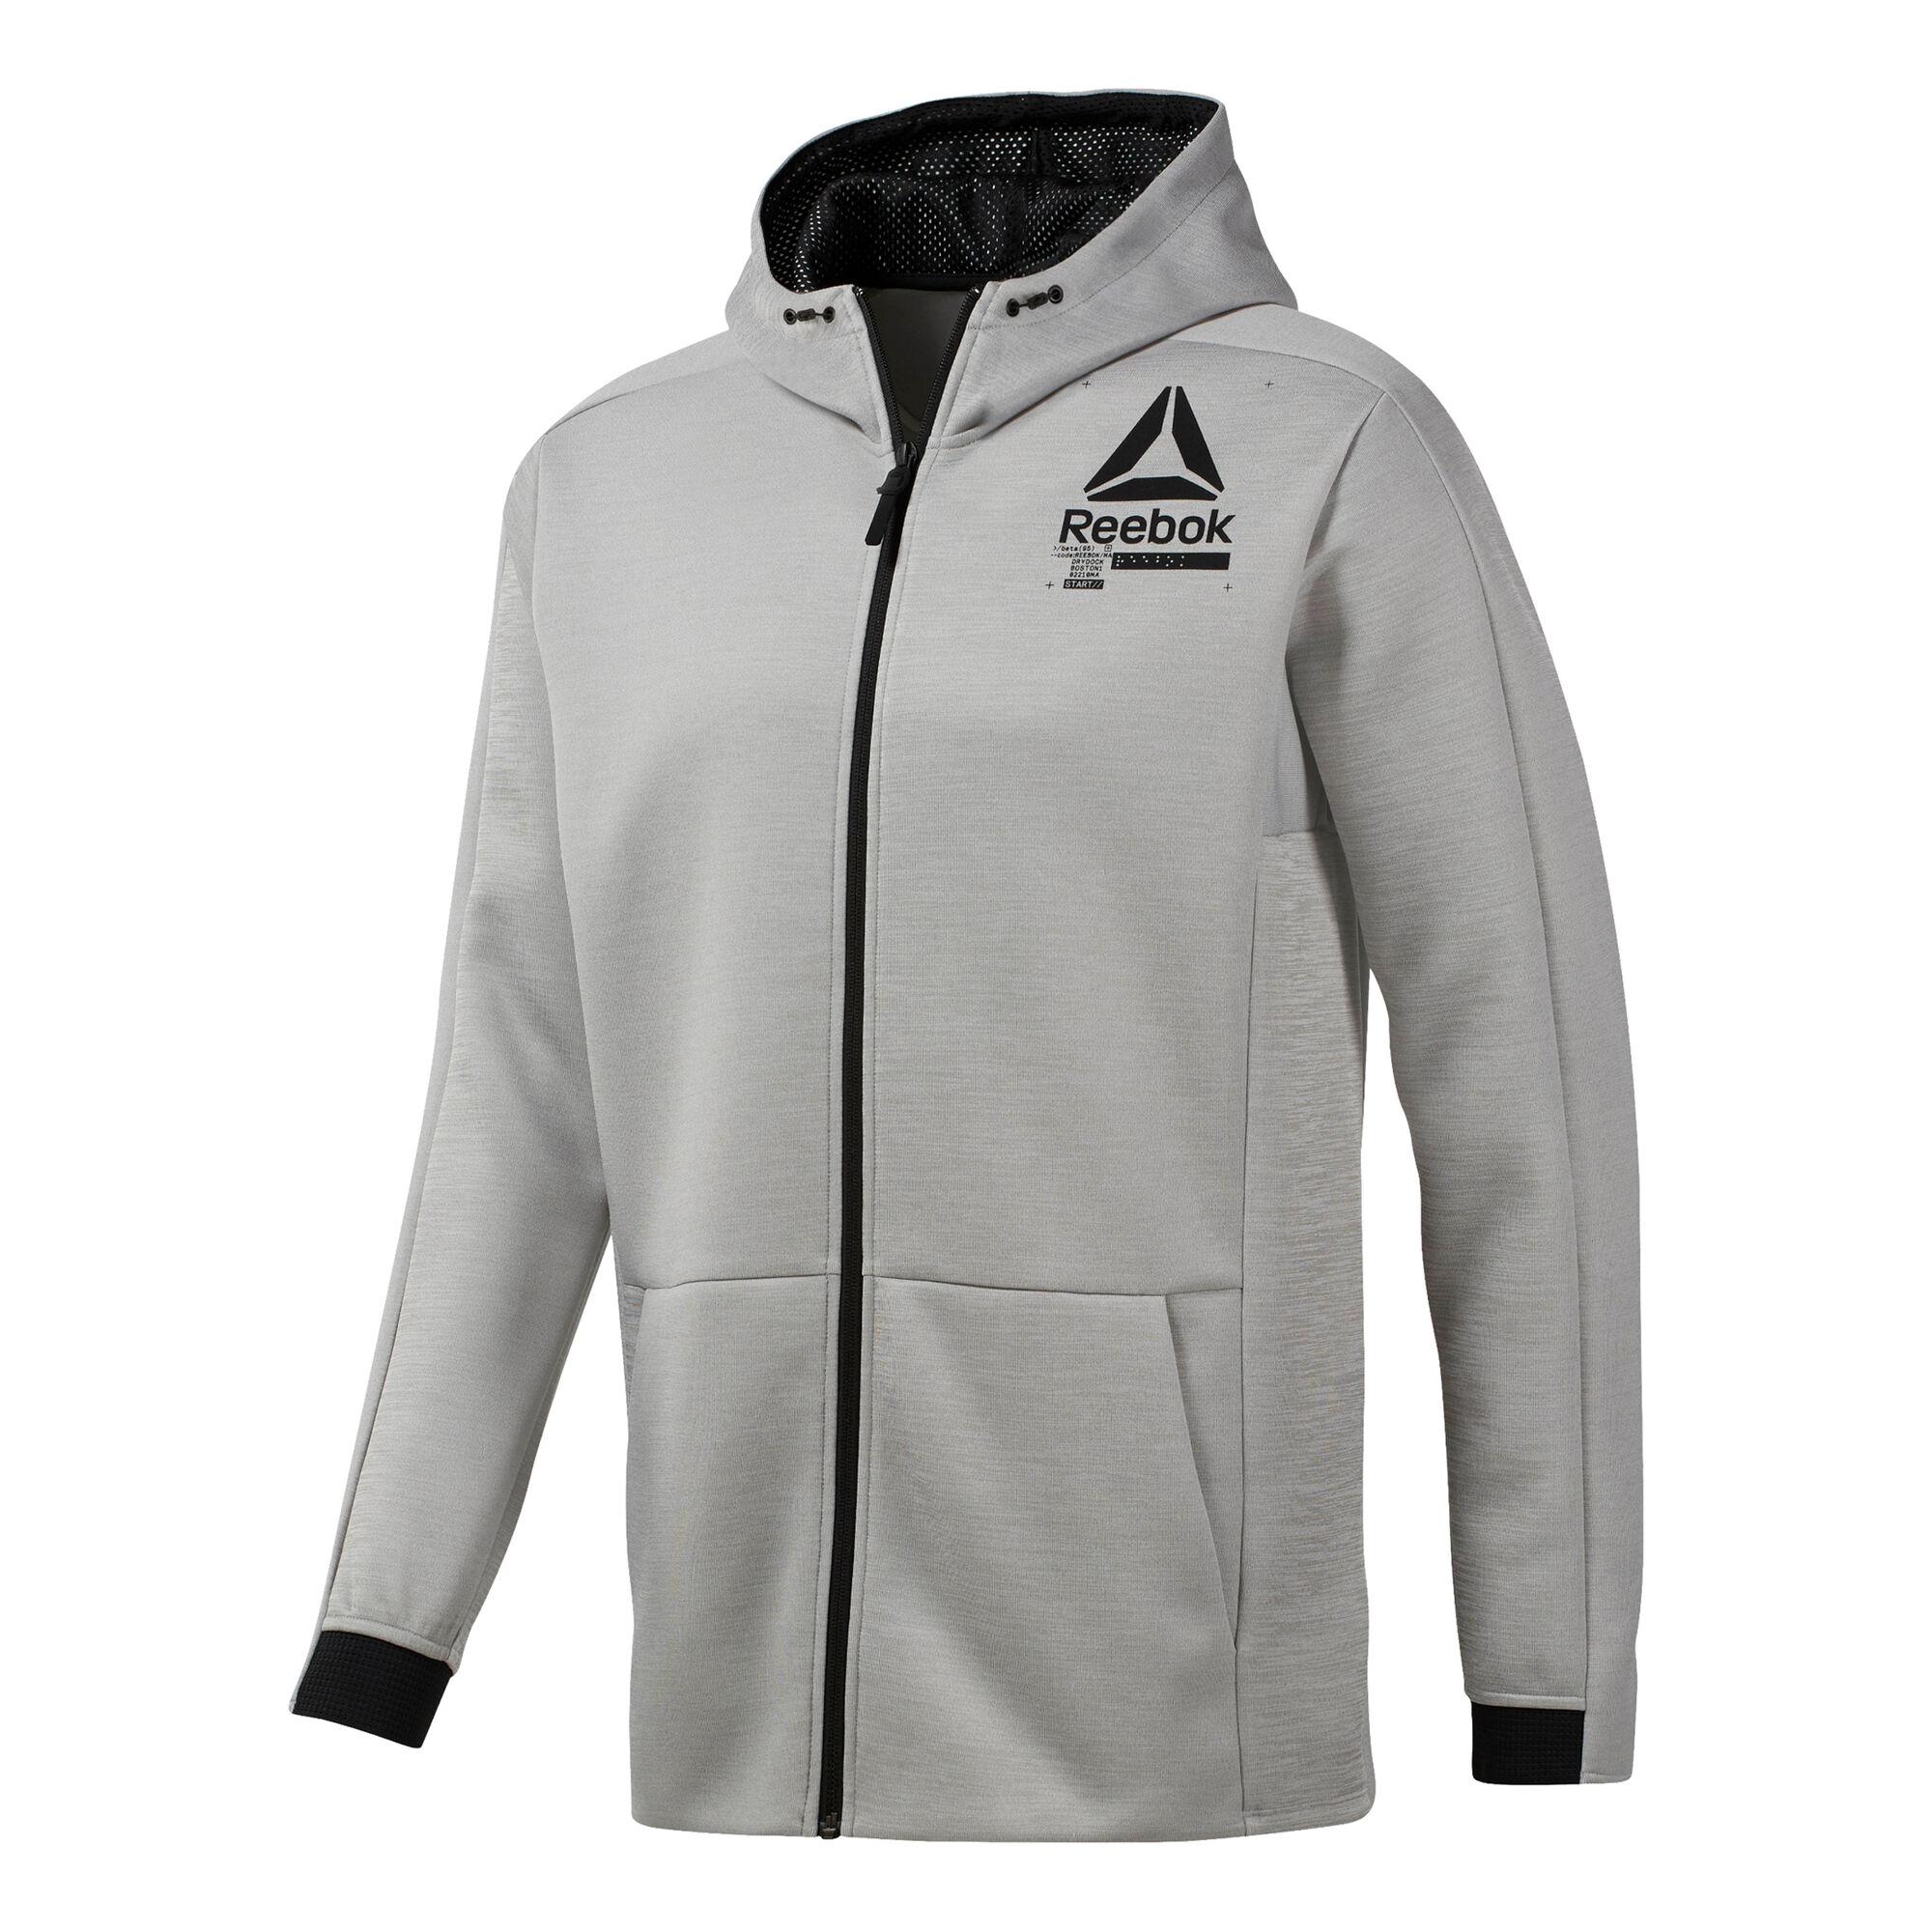 d4c0815328 buy Reebok One Series Spacer Full-Zip Training Jacket Men ...